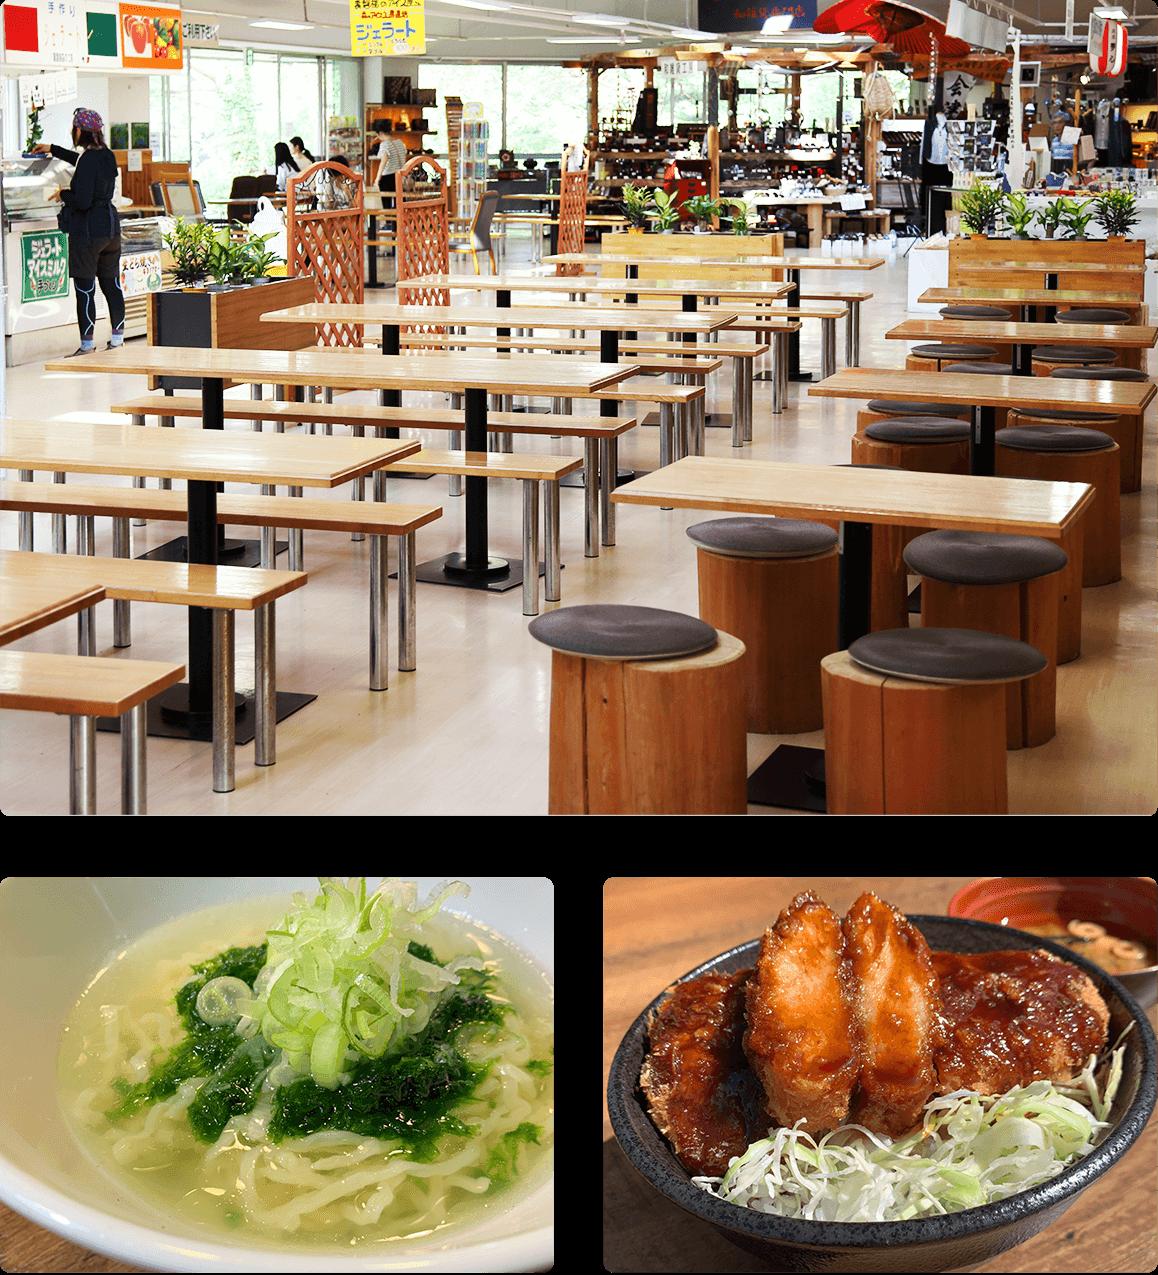 軽食スペース / 食堂 / レストラン / CREMIA / 桧原湖カレー